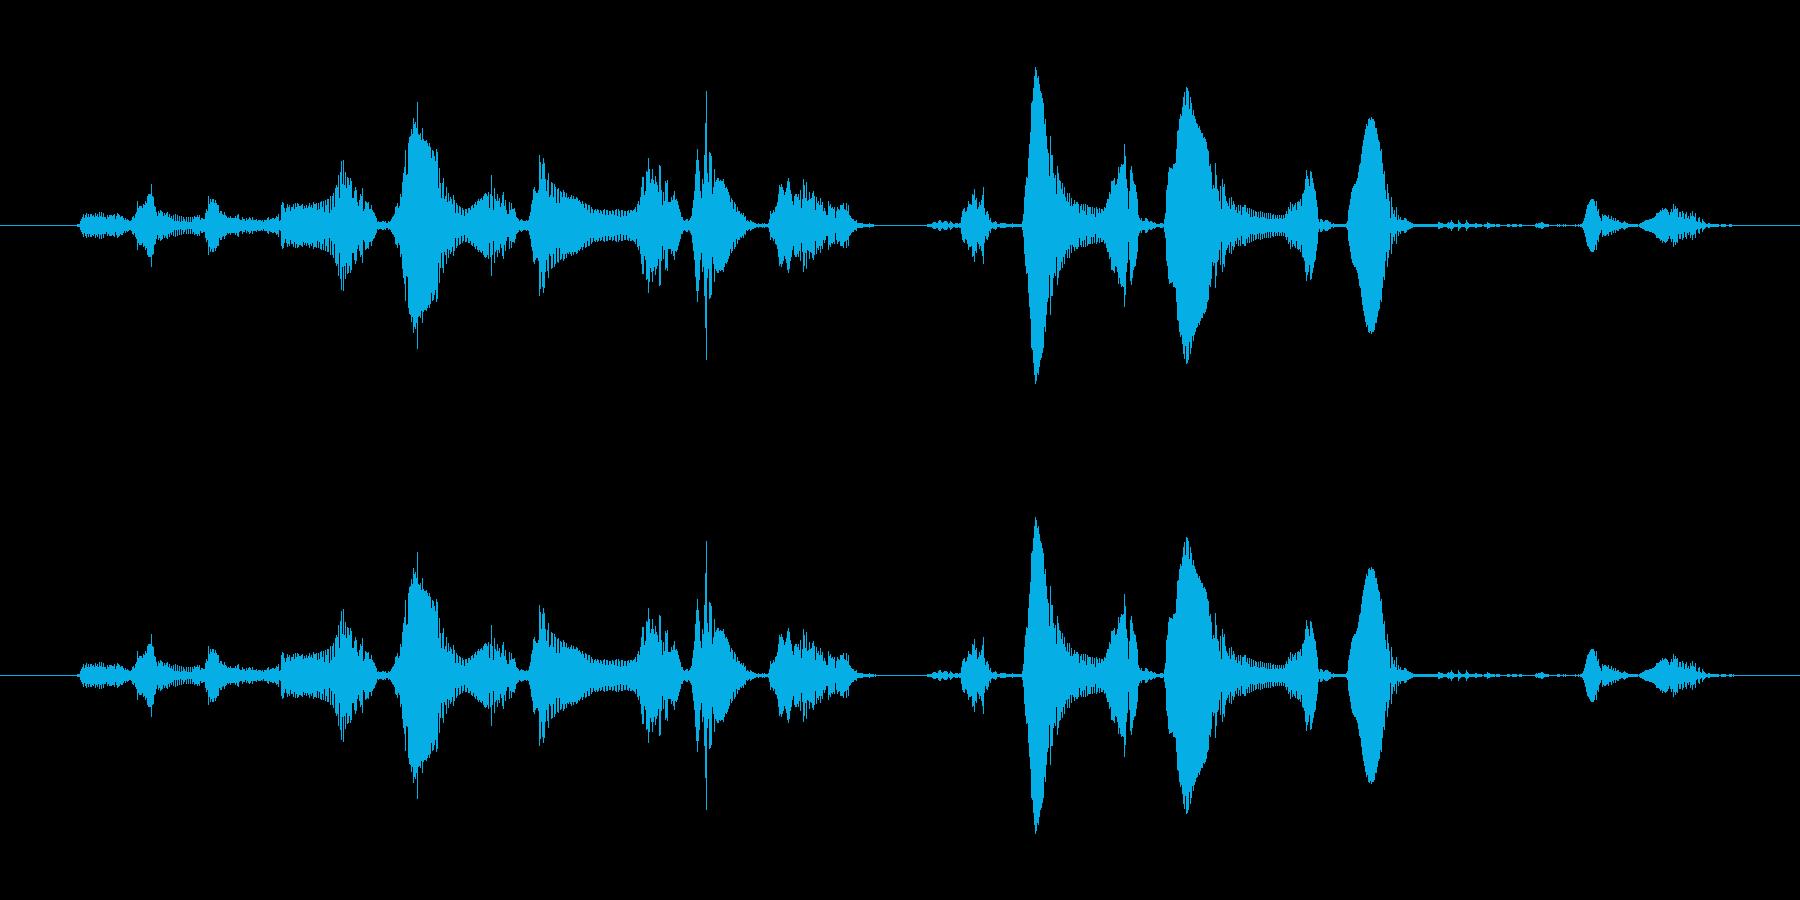 笑い声 - 4~5歳 女の子 - 32_の再生済みの波形